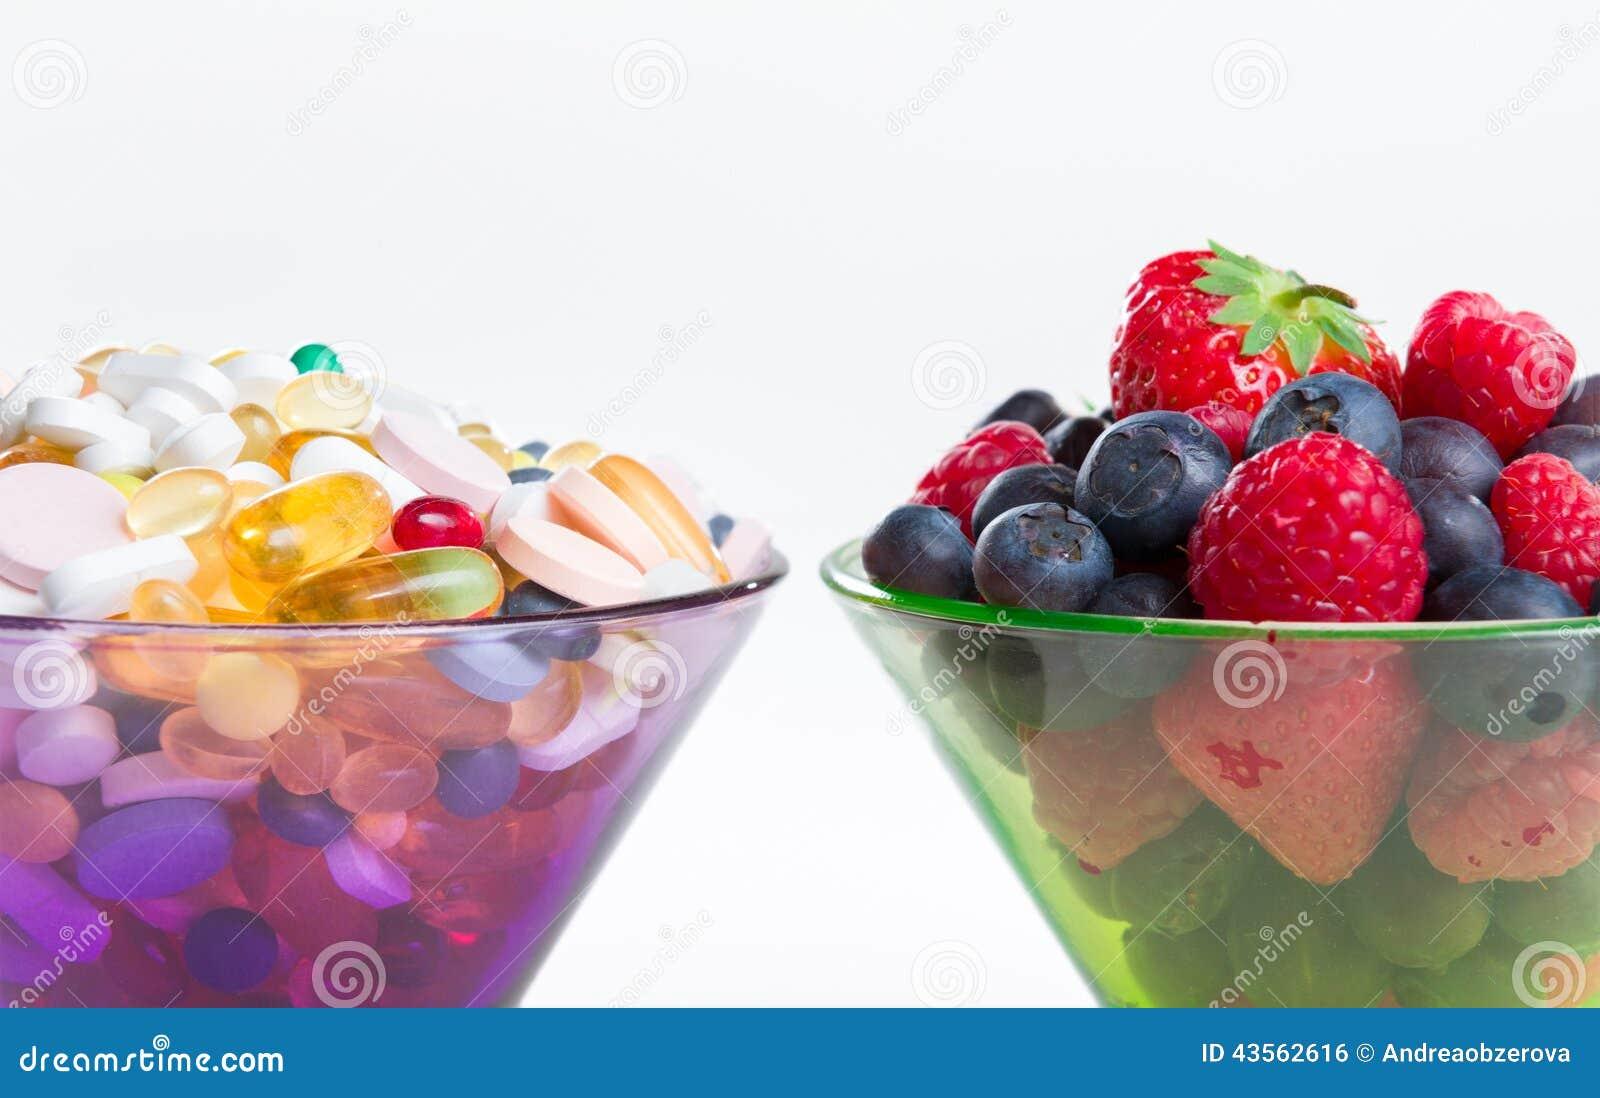 Gezonde levensstijl, dieetconcept, Fruit en pillen, vitaminesupplementen